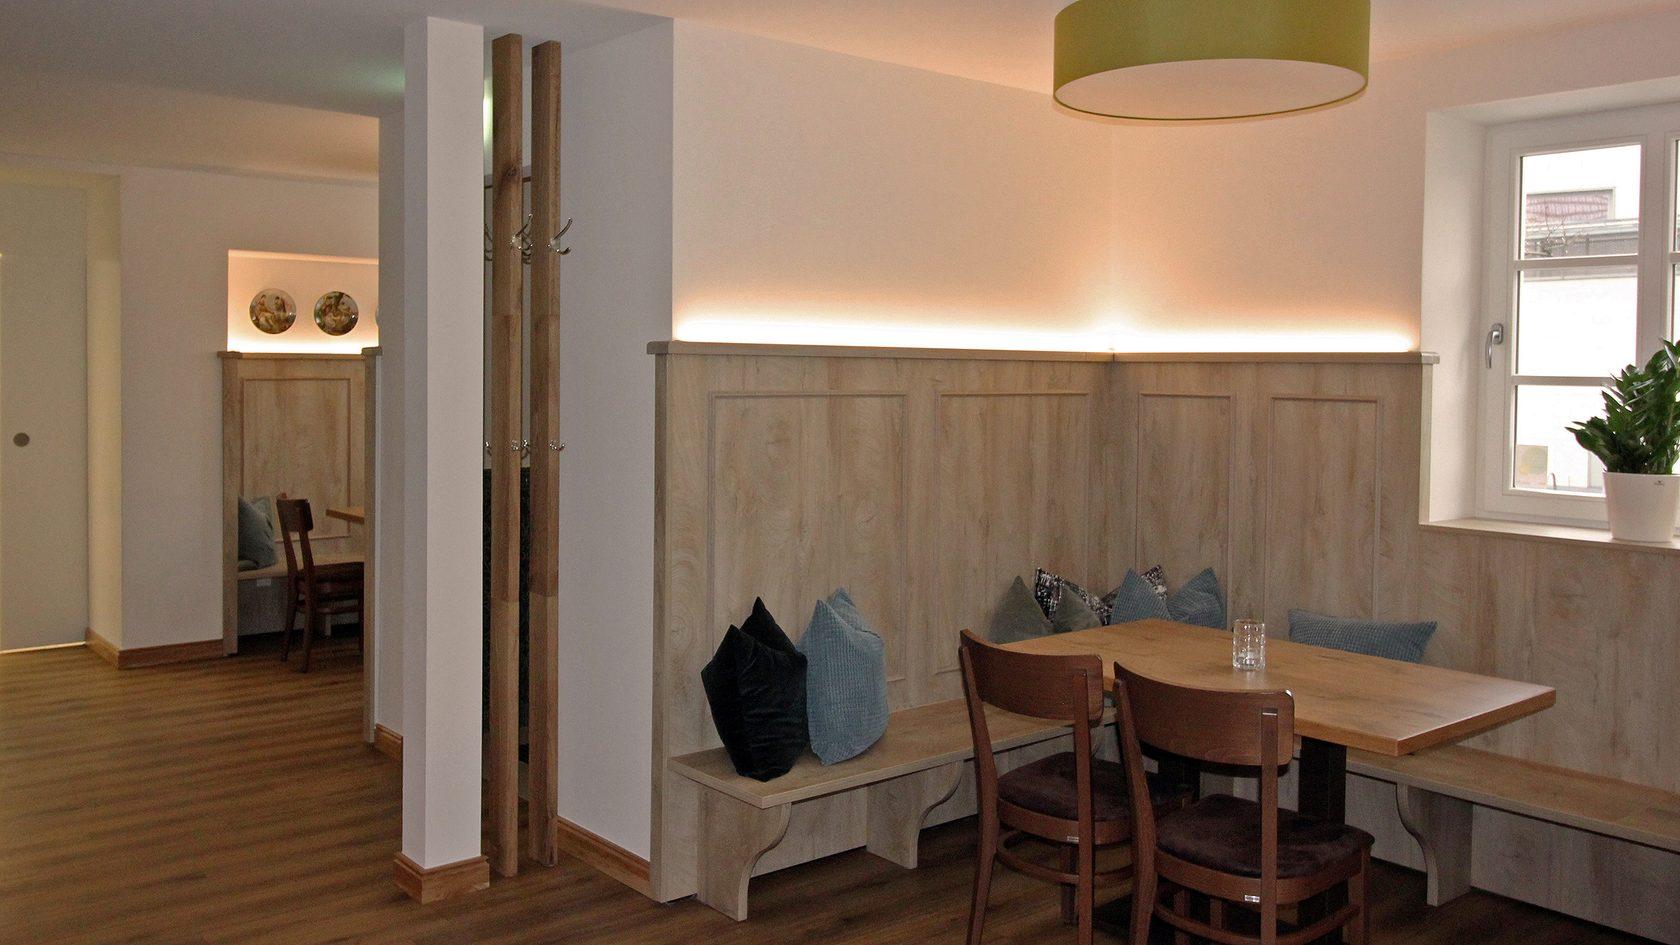 Wundervoll Innenarchitekt Karlsruhe Ideen Von Innenarchitektur